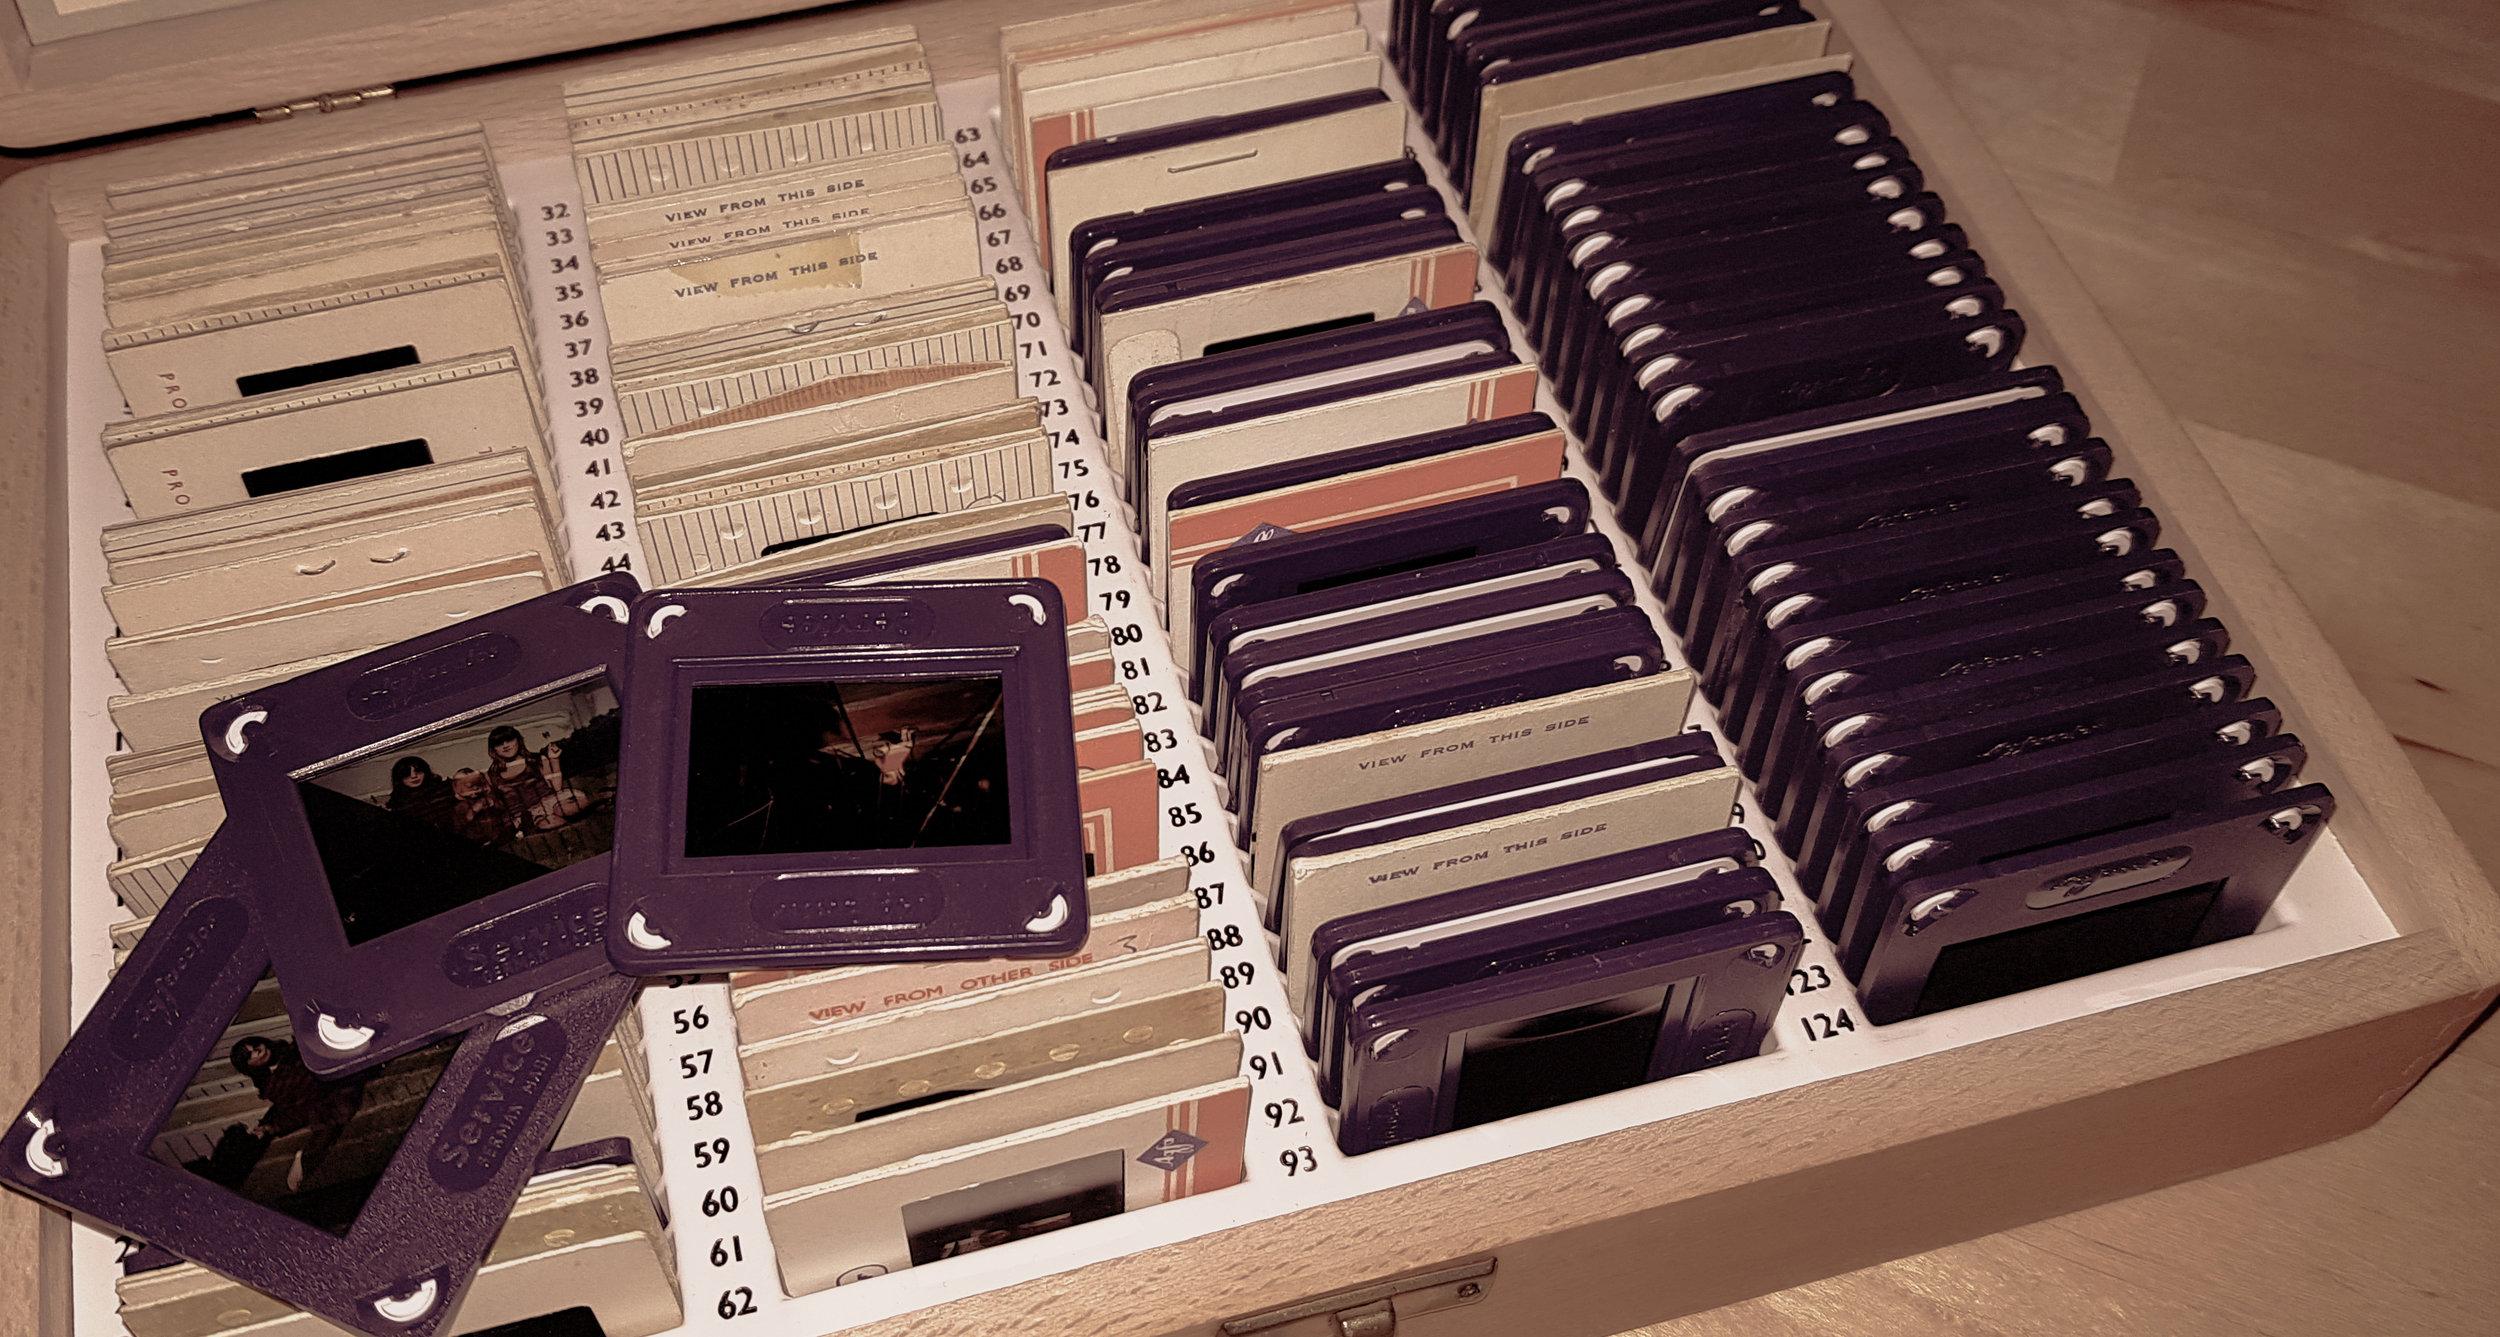 SlidesBoxCrop.jpg